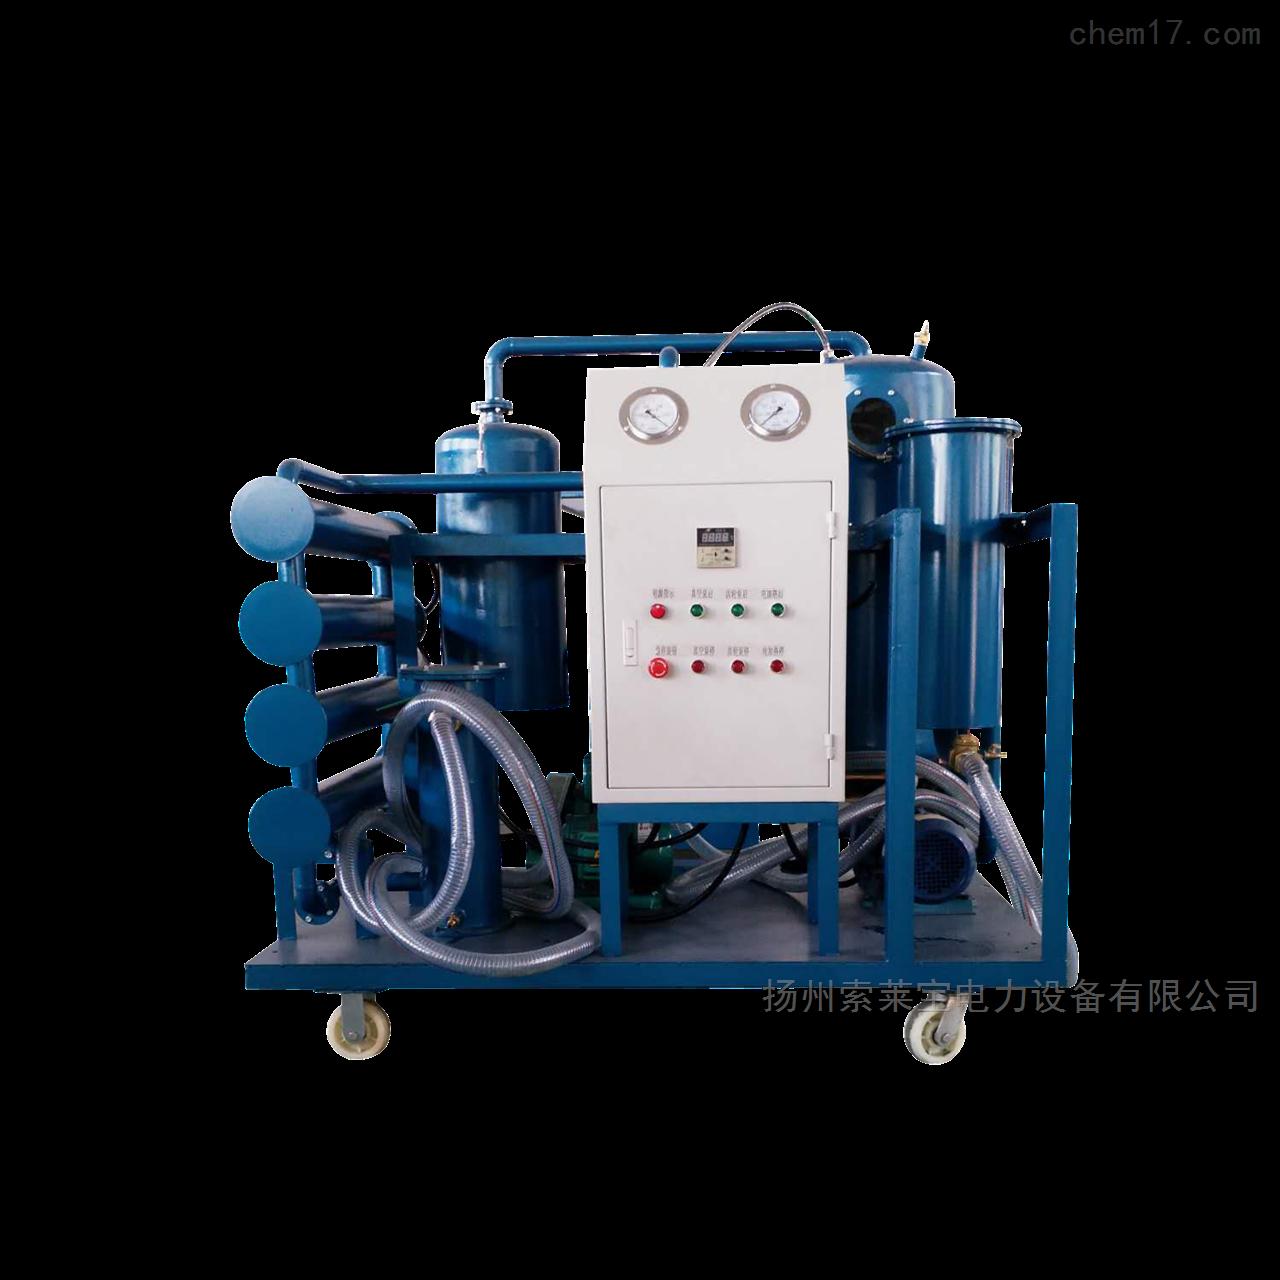 五级承装(修试)真空滤油机真空油水分离器